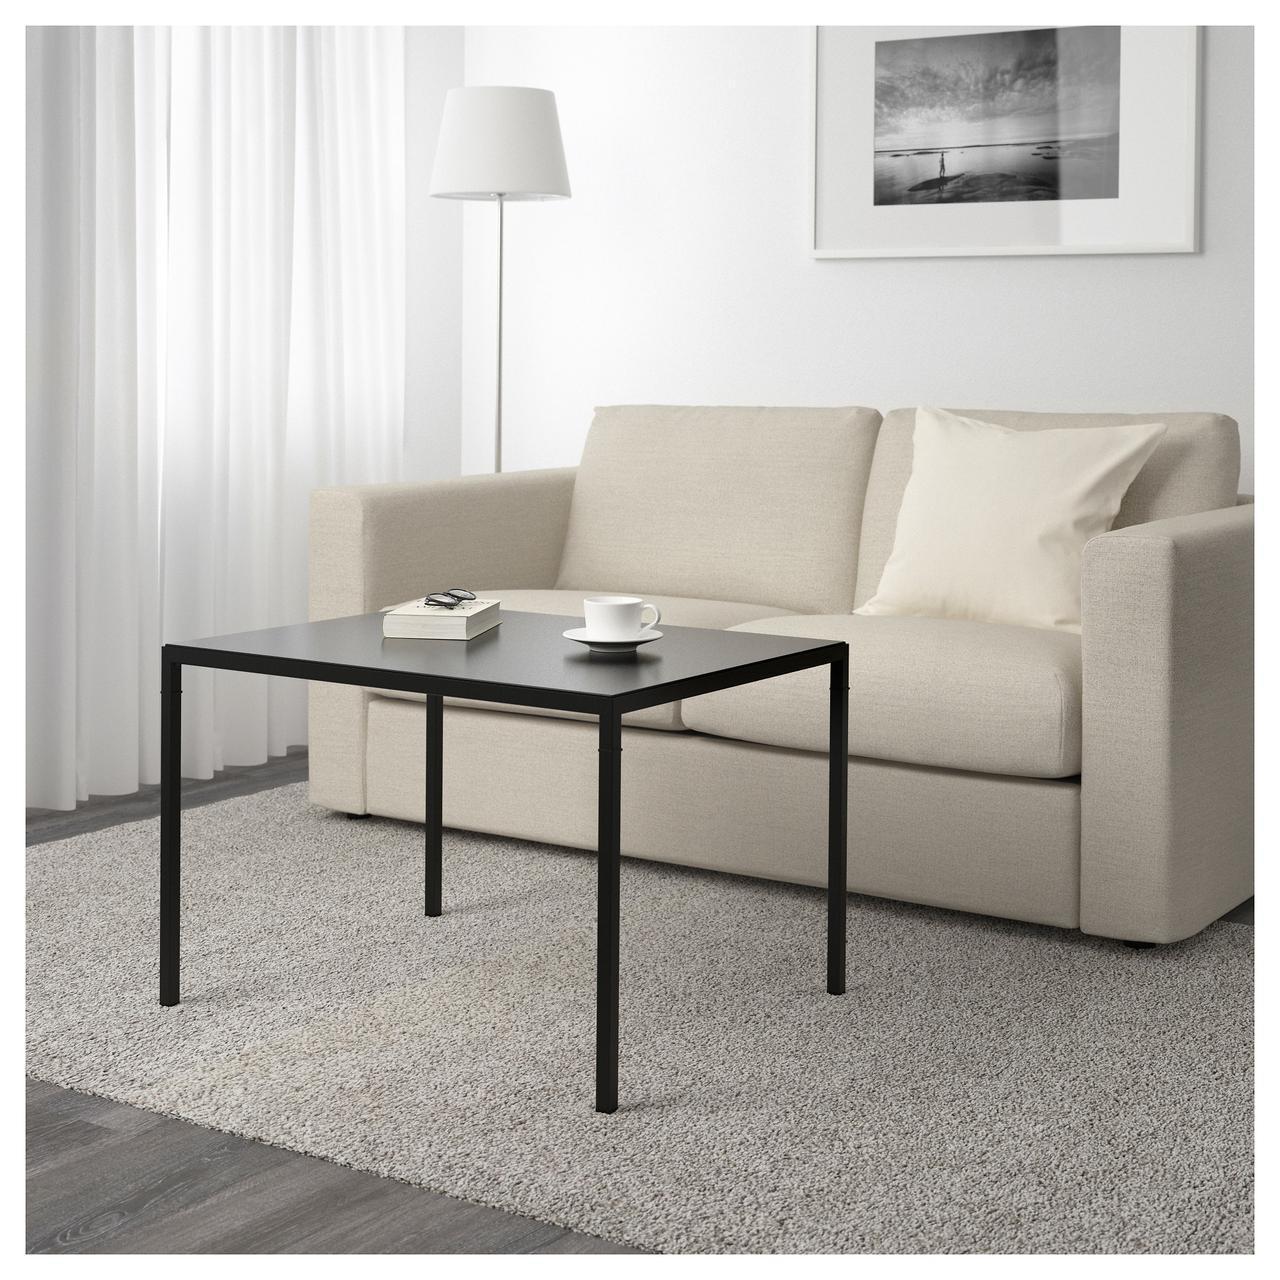 Кофейный столик с двусторонней столешницей IKEA NYBODA 75x60x50 см черный бежевый 703.426.46